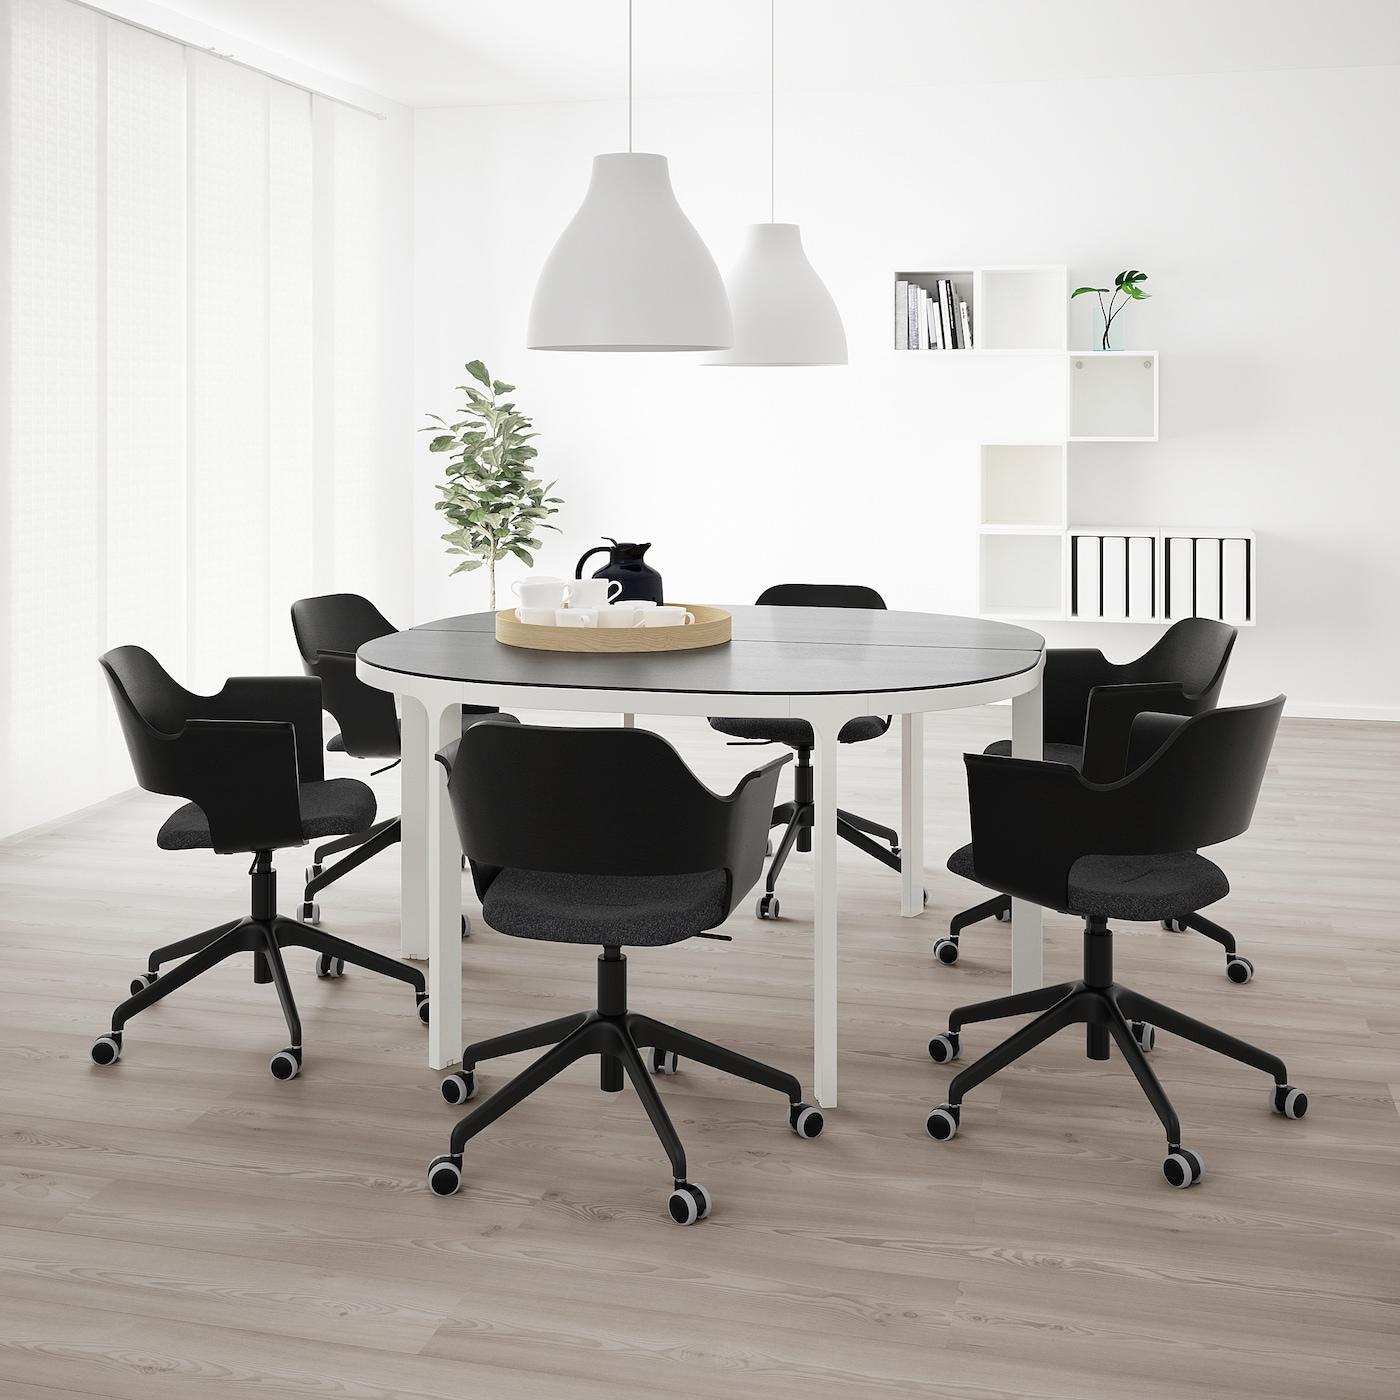 BEKANT Konferenztisch, schwarz gebeiztes Eschenfurnier/weiß, 140 cm